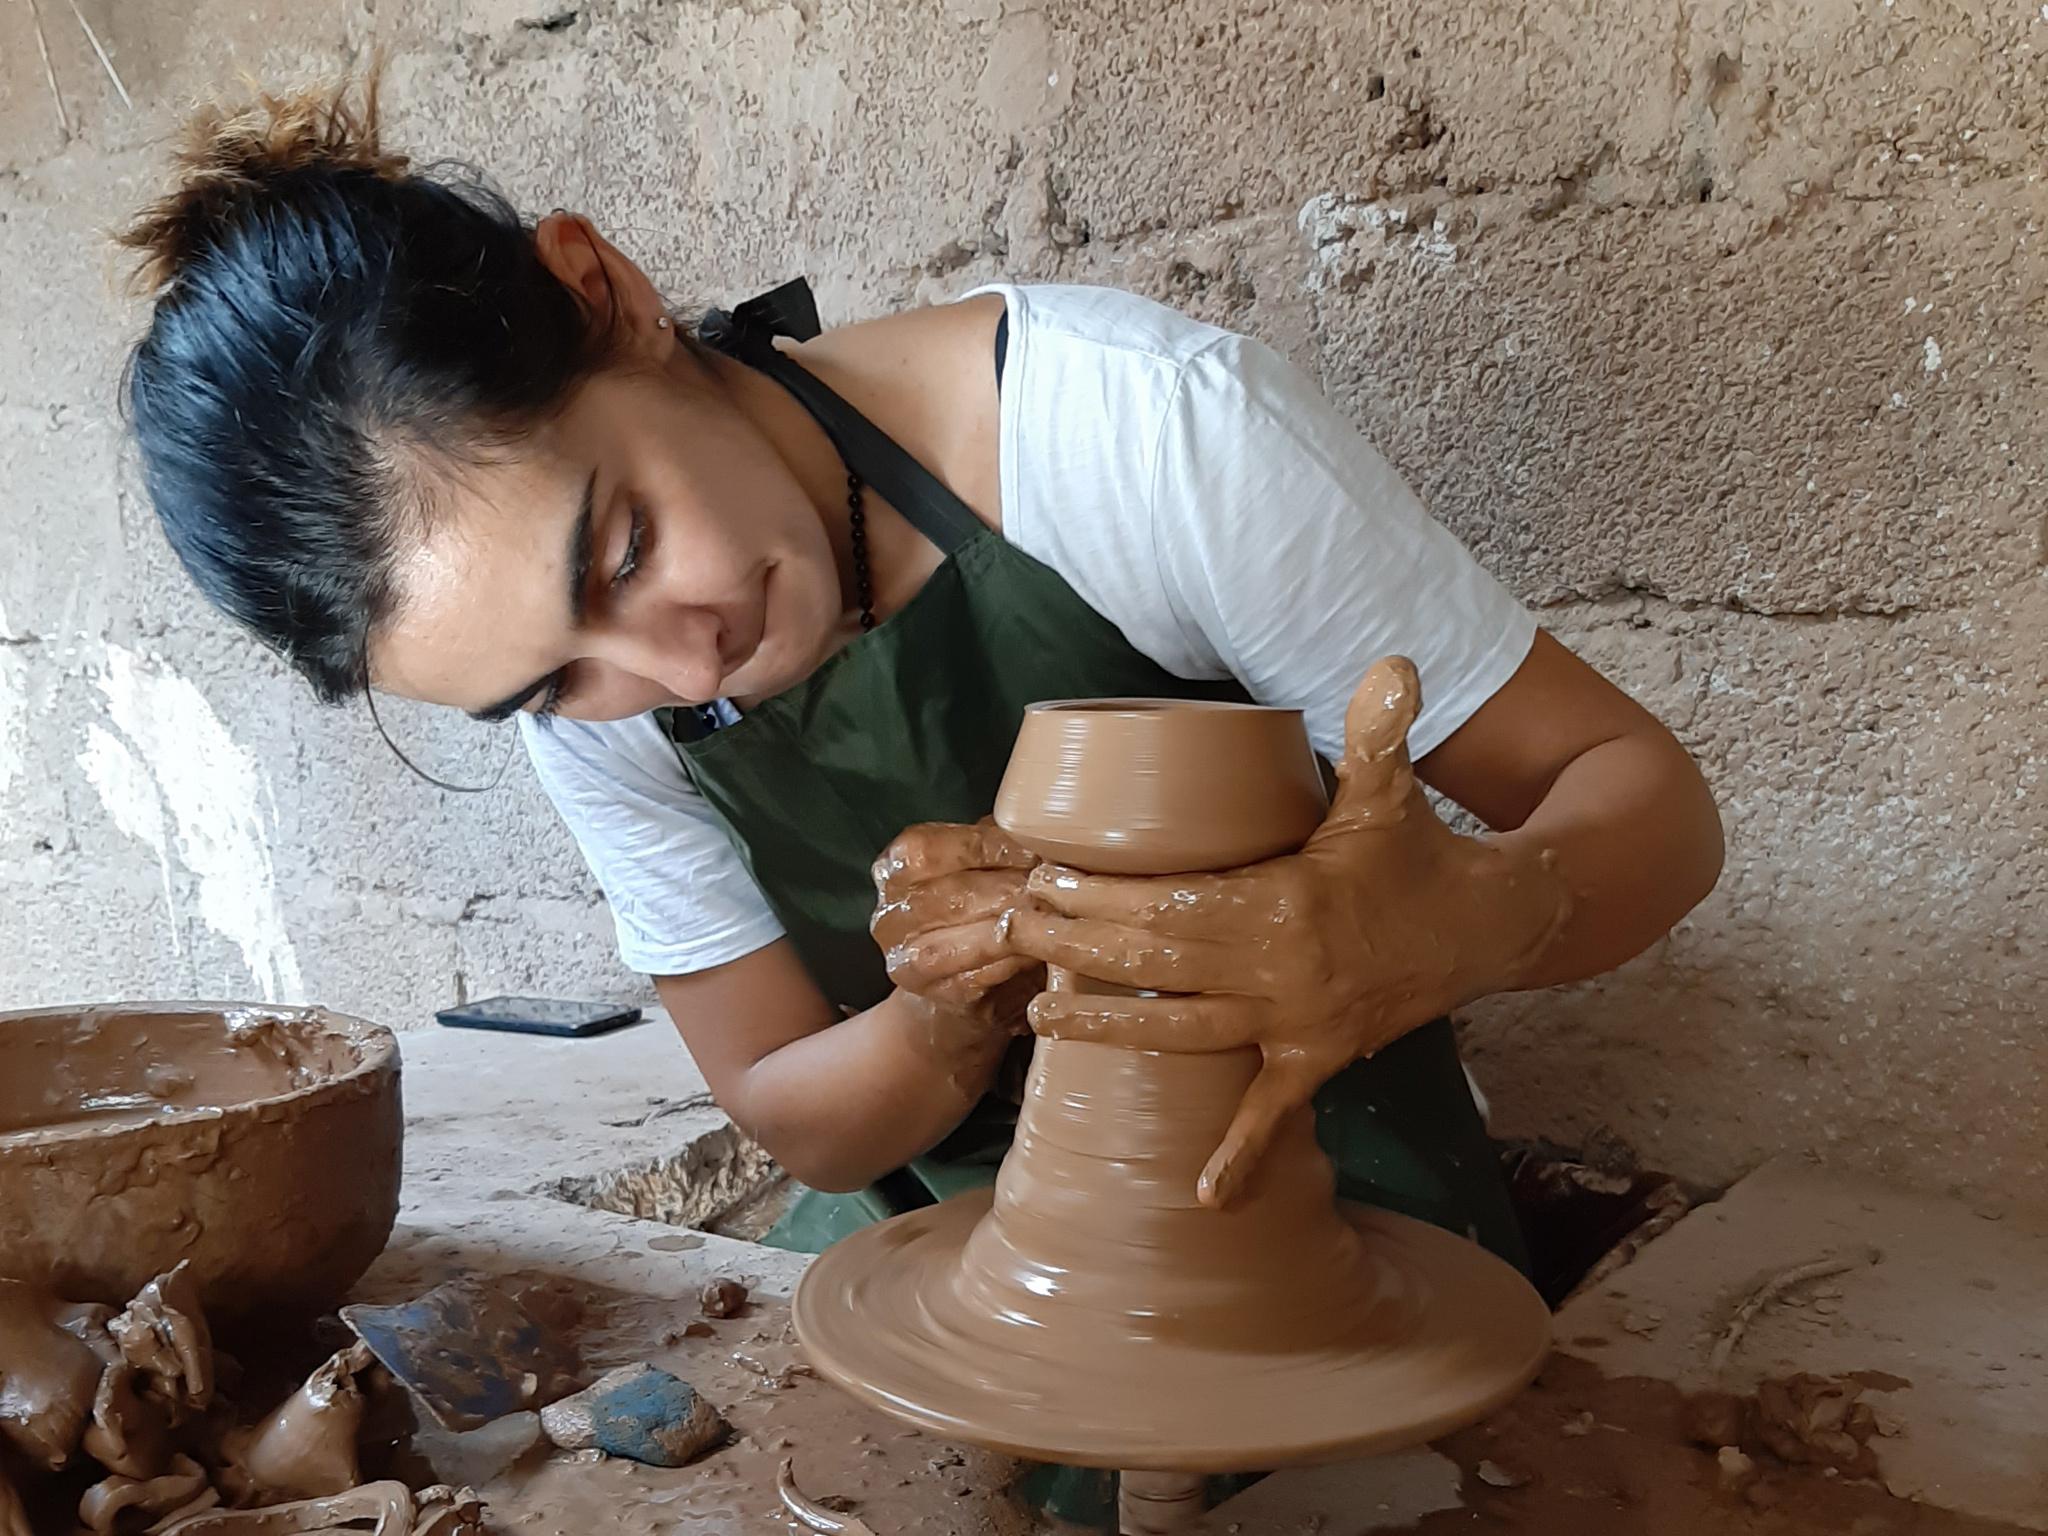 Ateliers d'Ailleurs in Marrakech